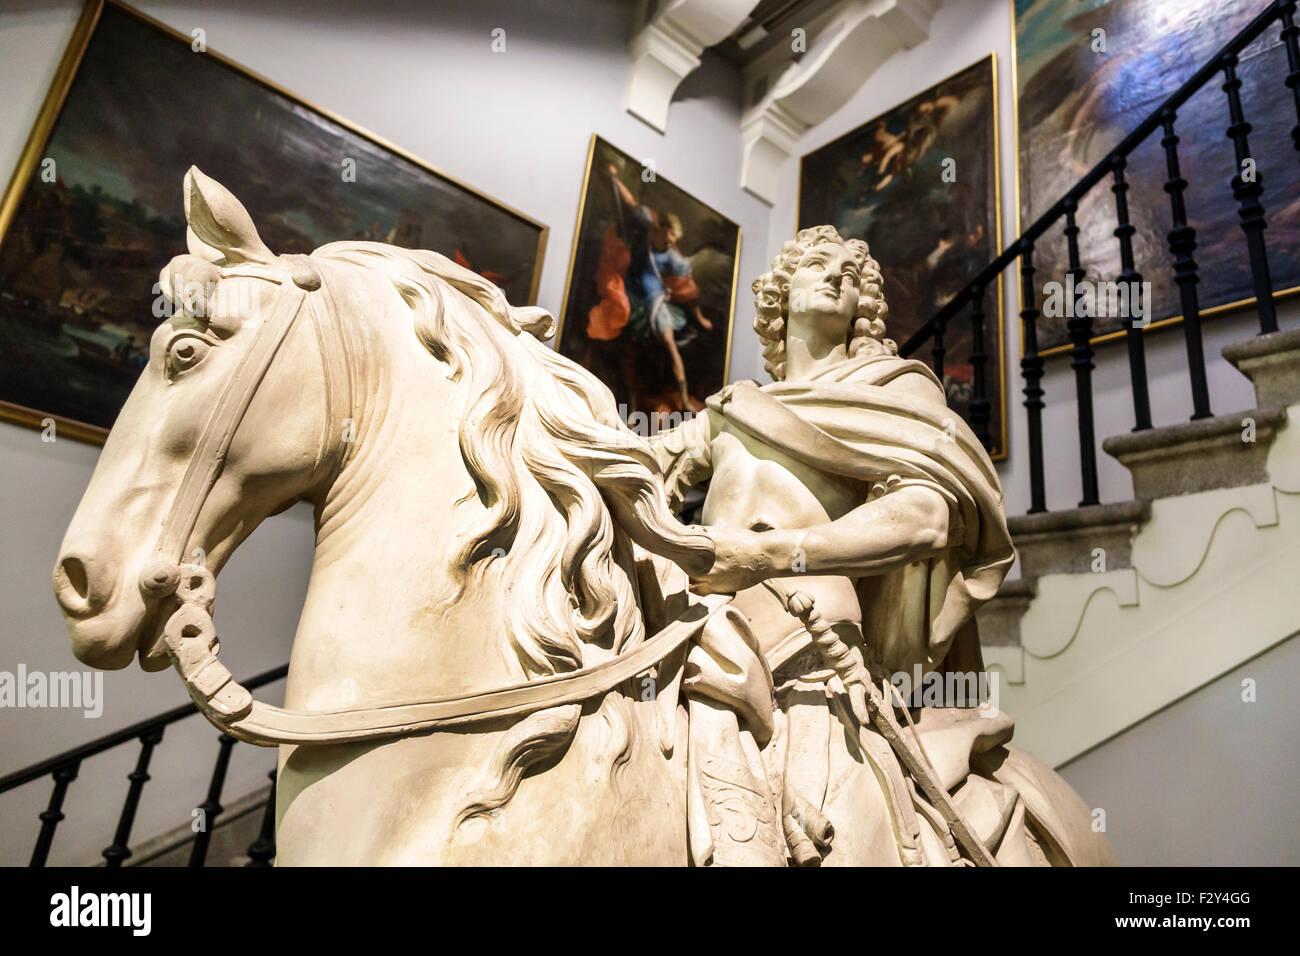 Madrid Spain Europe Spanish Centro Calle de Alcala Real Academia de Bellas Artes de San Fernando Royal Academy of - Stock Image